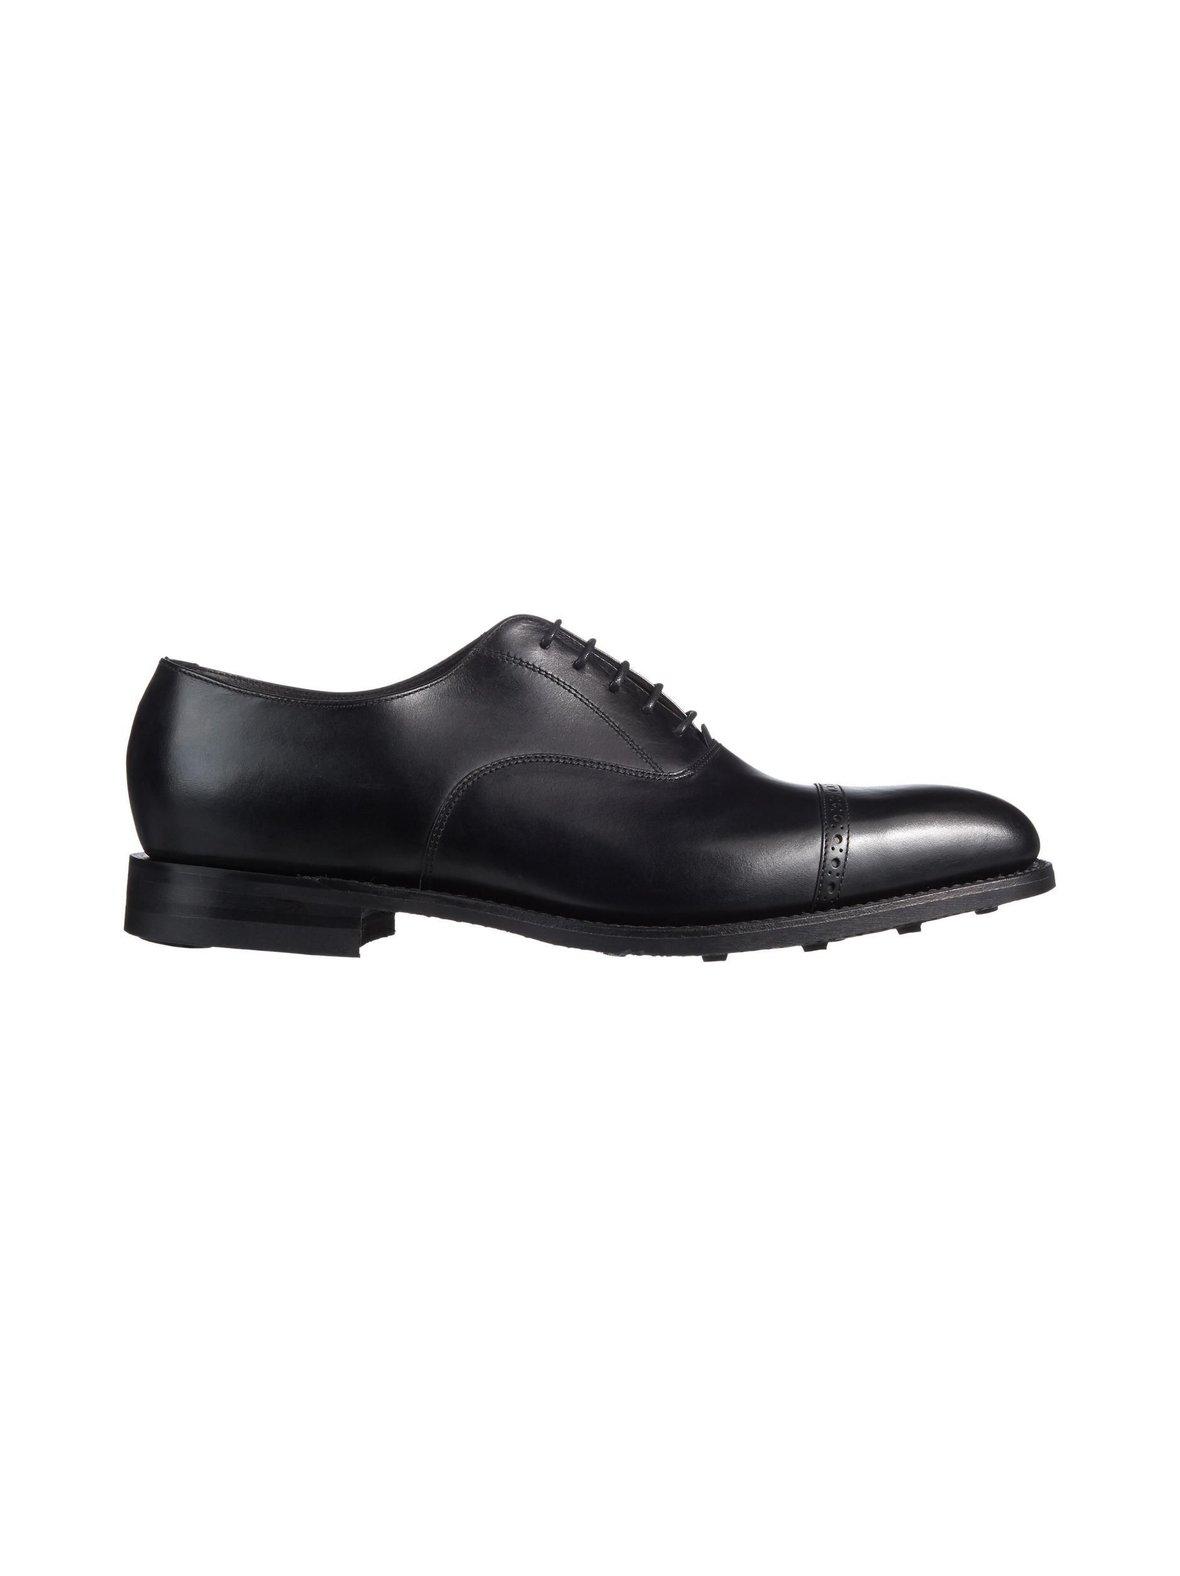 Cadogan-kengät, Loake